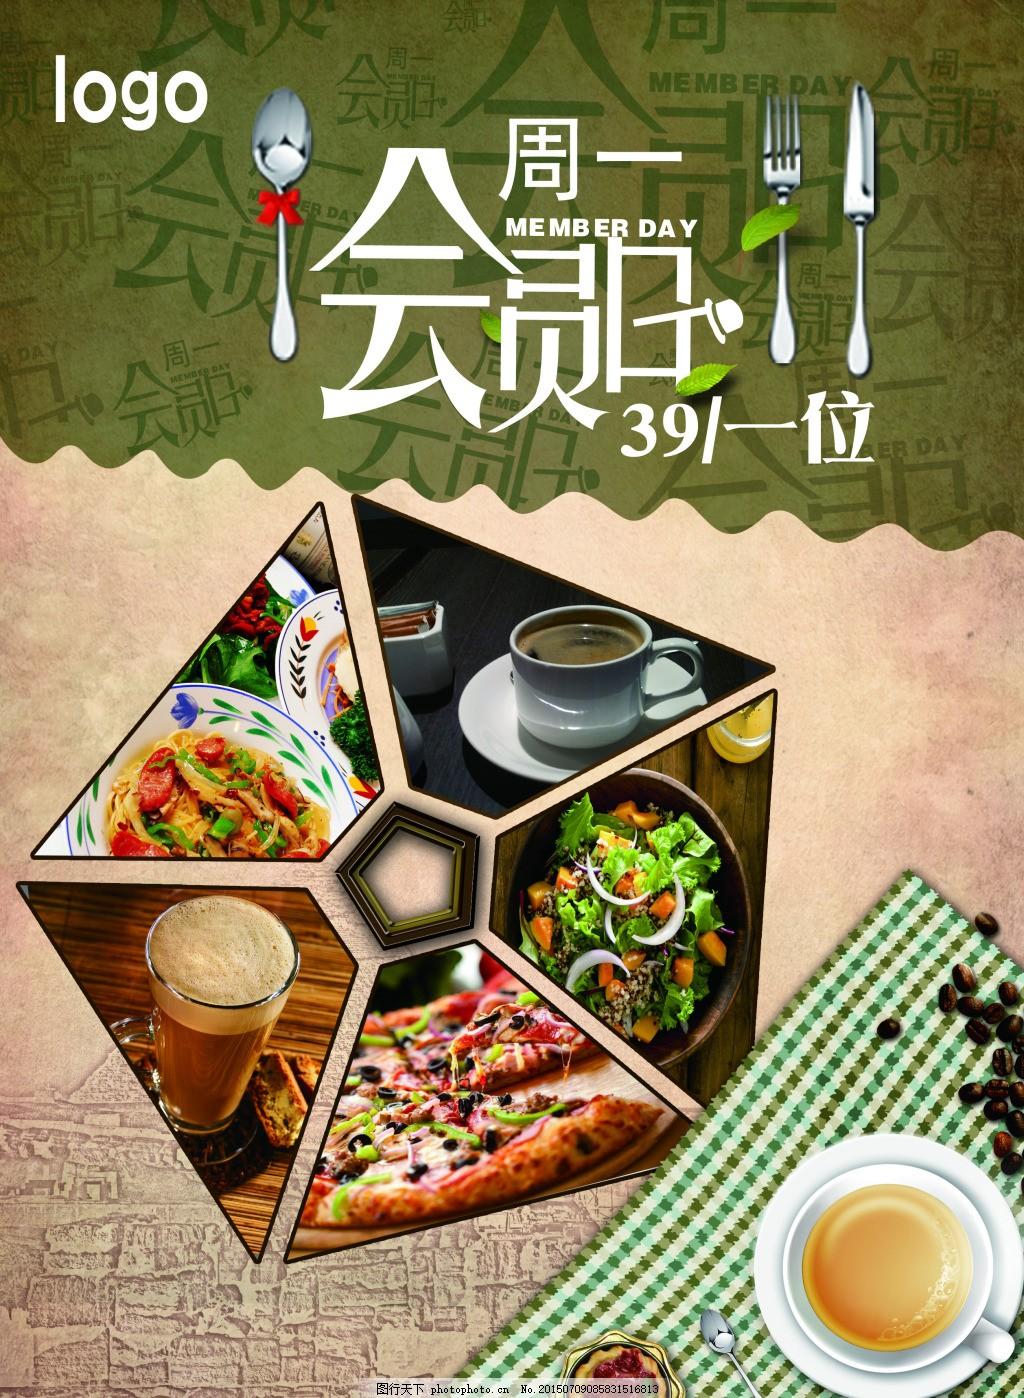 会员日海报psd下载 周一会员日 西餐 pizza 咖啡 刀叉 桌布 分图层